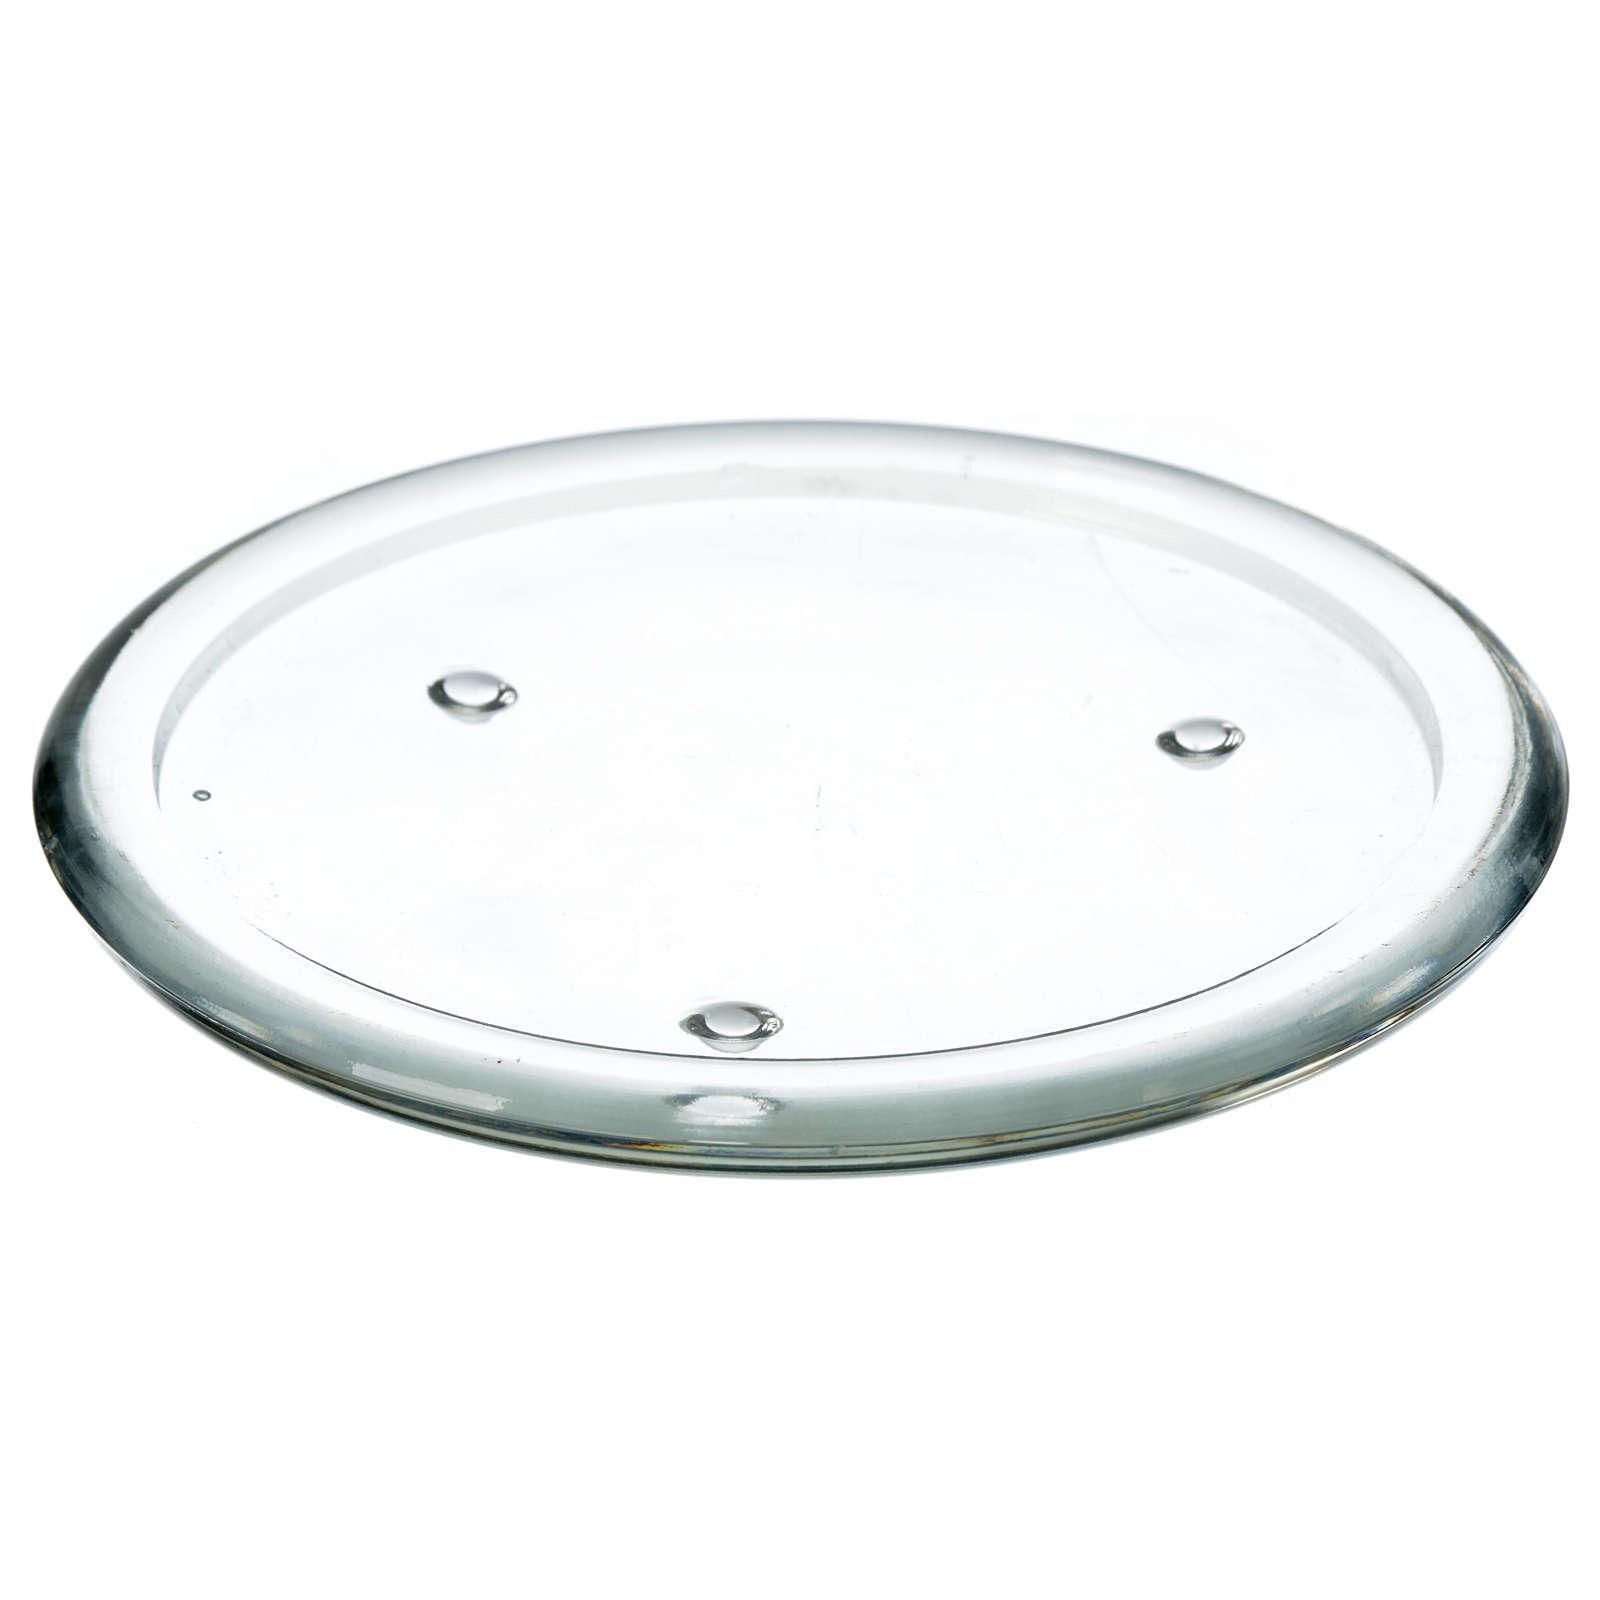 Piattino in vetro per candele 12,5 cm 3